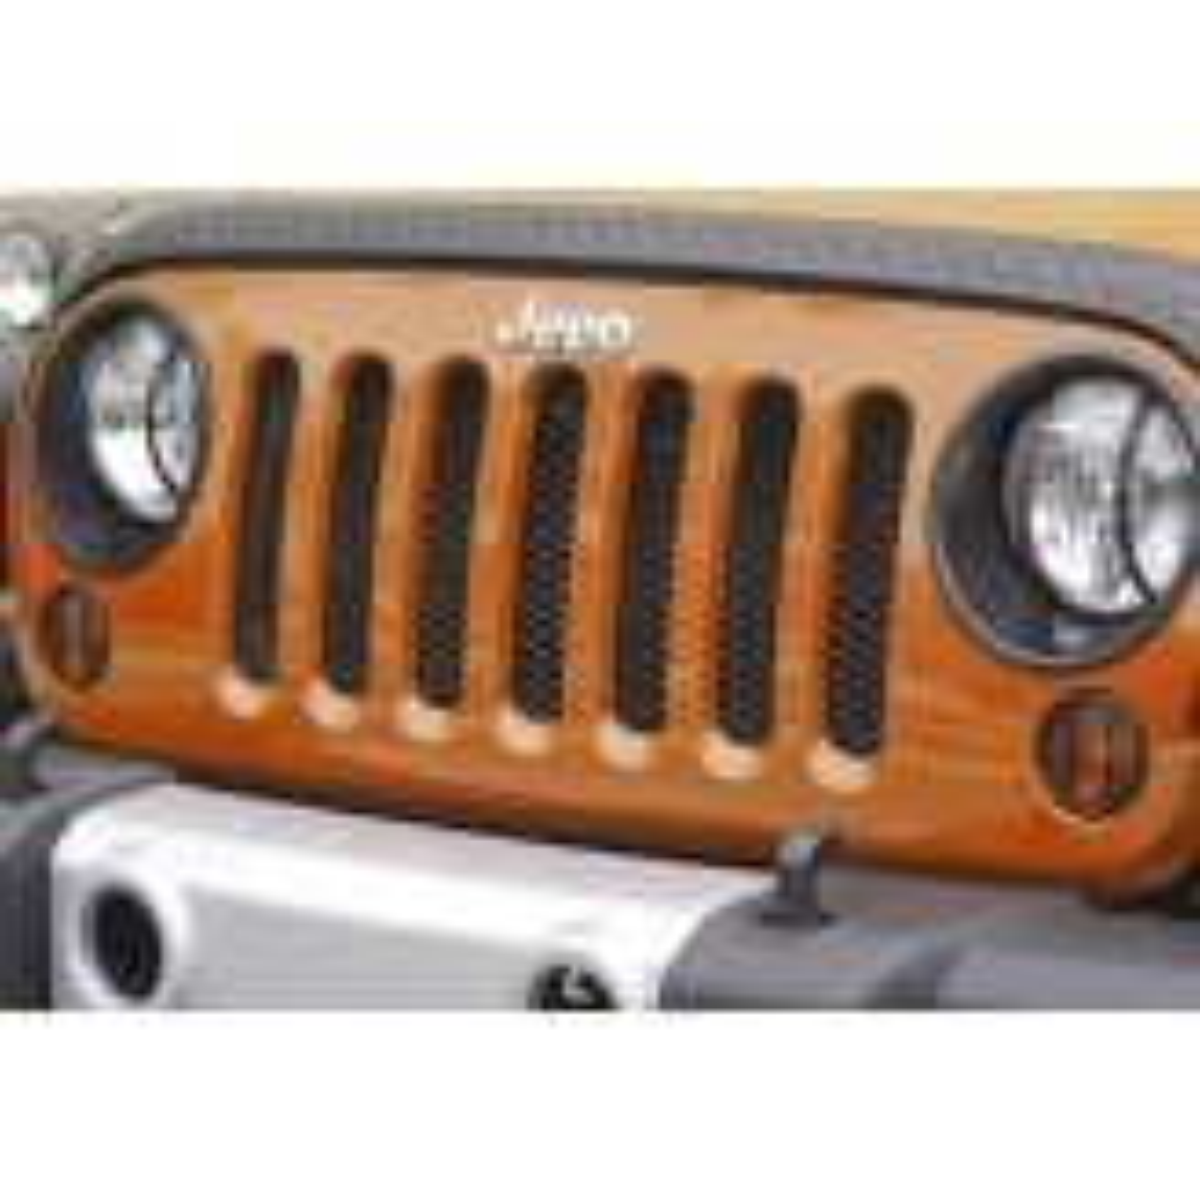 Mesh Grille Insert, Black, 07-18 Jeep Wrangler